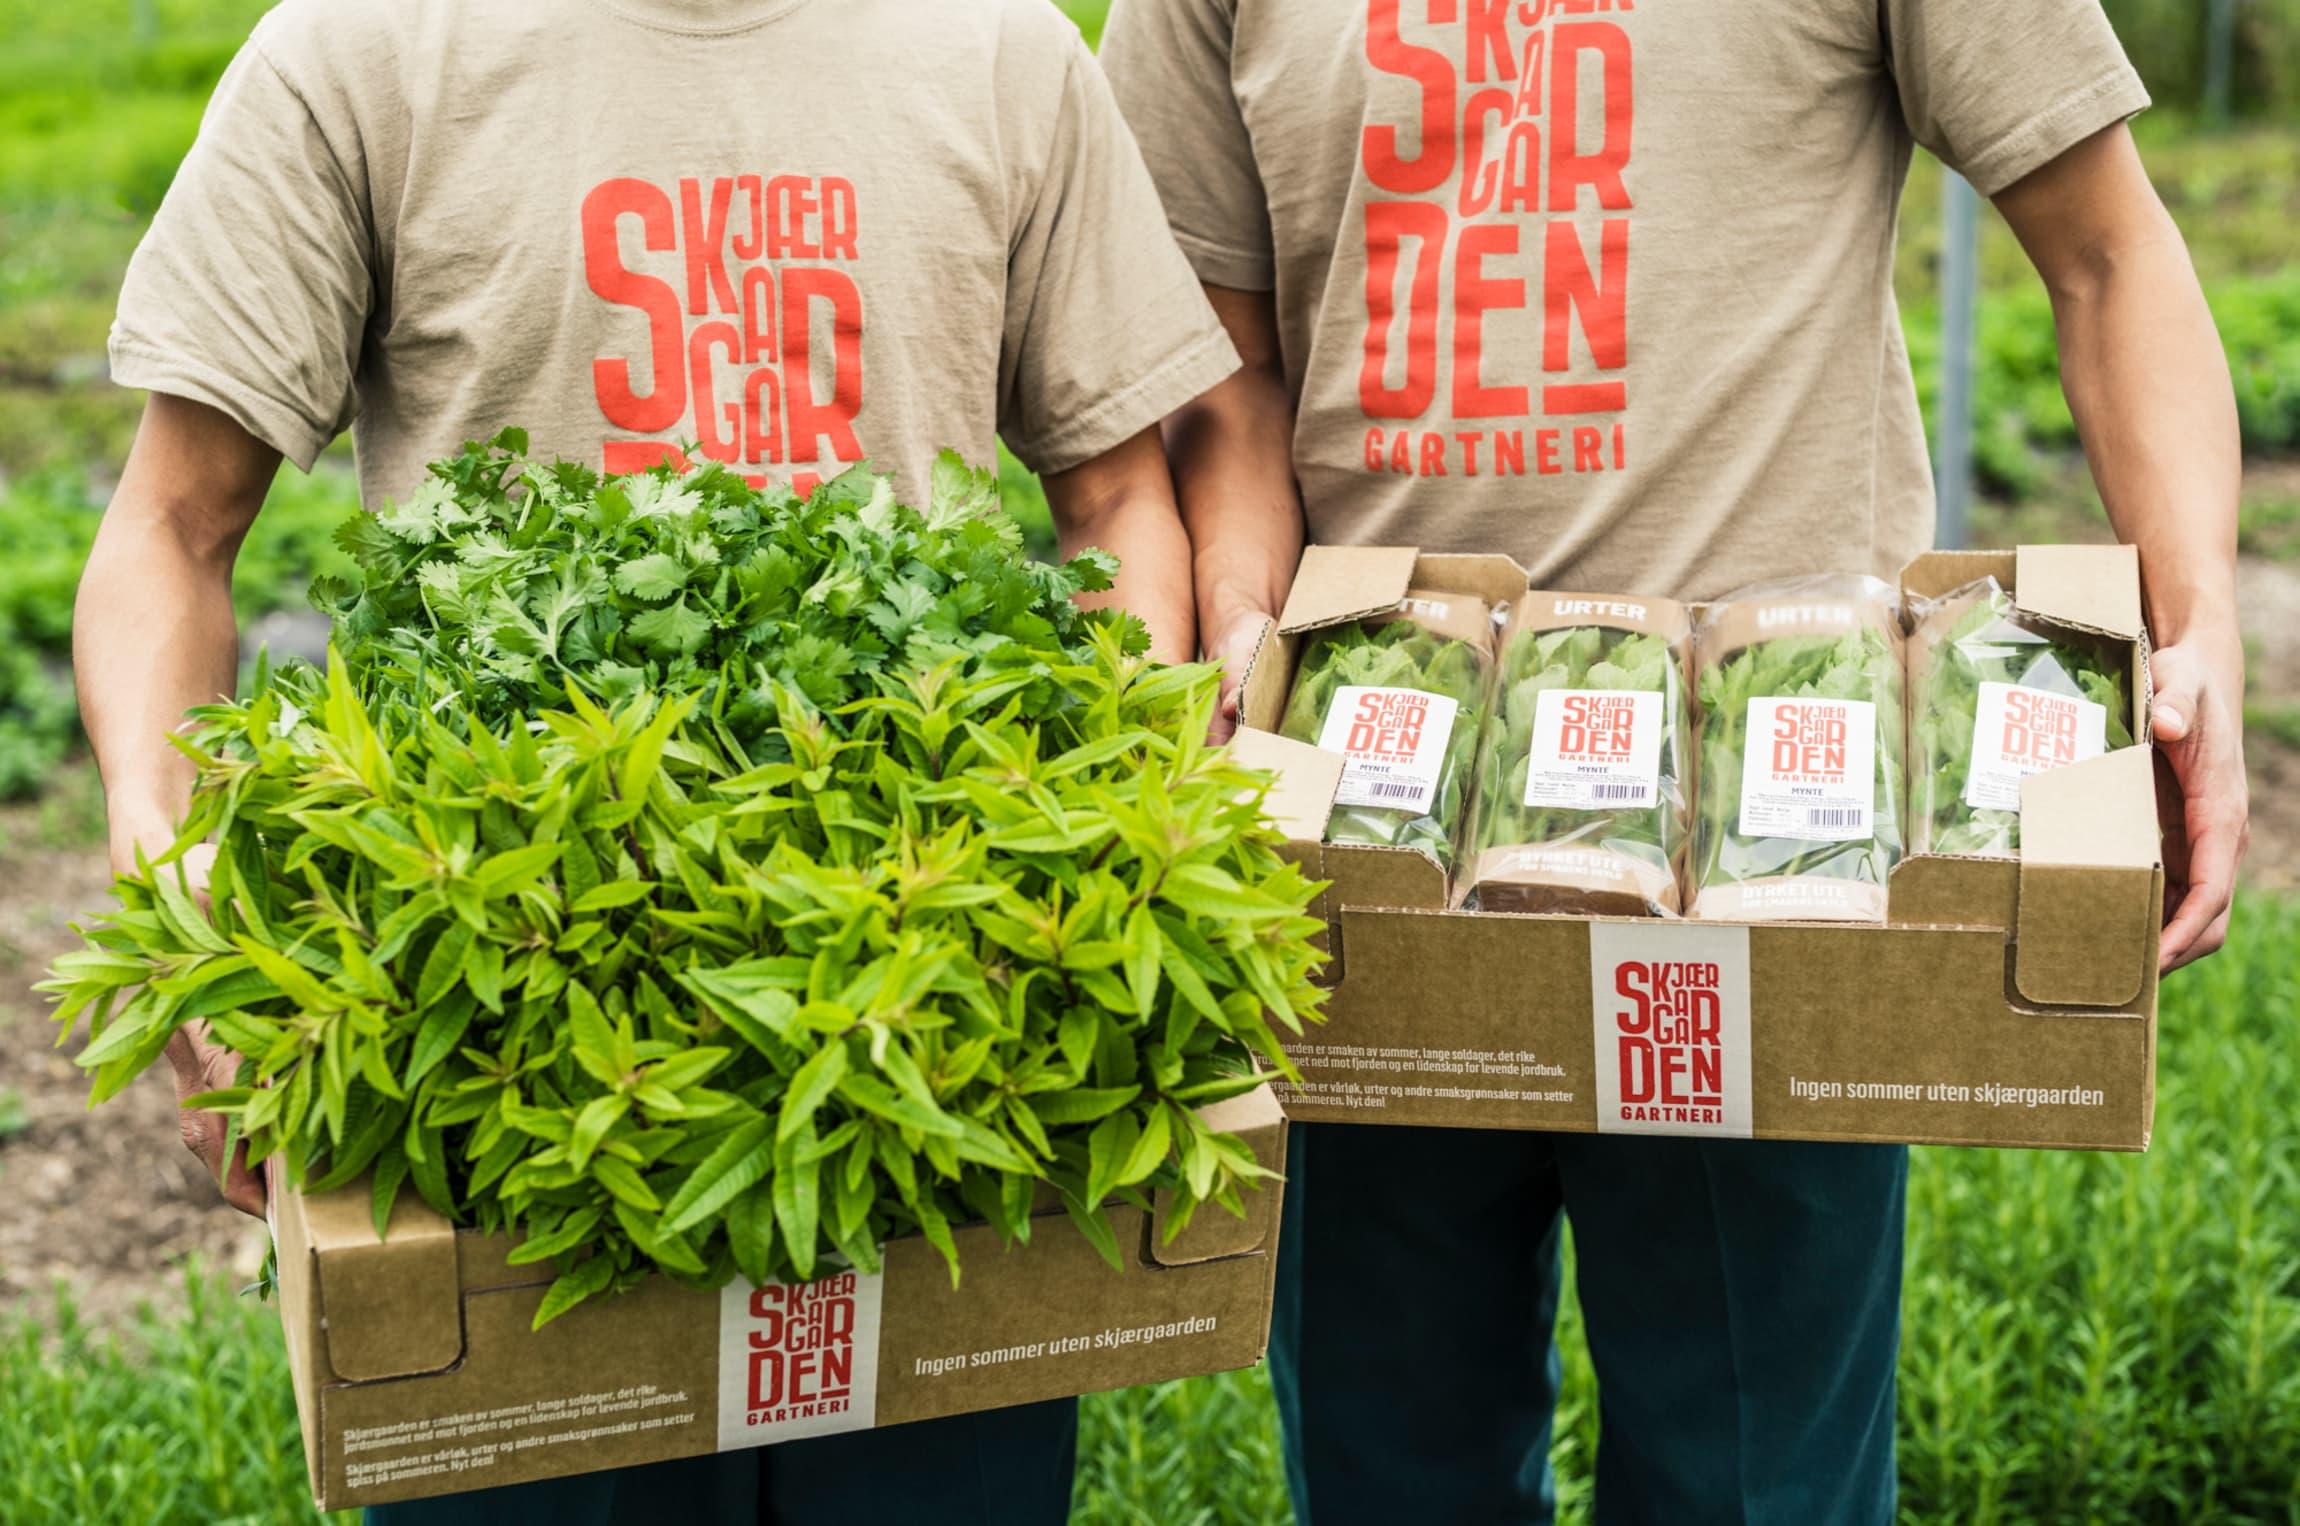 Skjærgaarden gartneri holder til i området rundt Åsgårdstrand, hvor det er et perfekt mikroklima for produksjon av urtene.